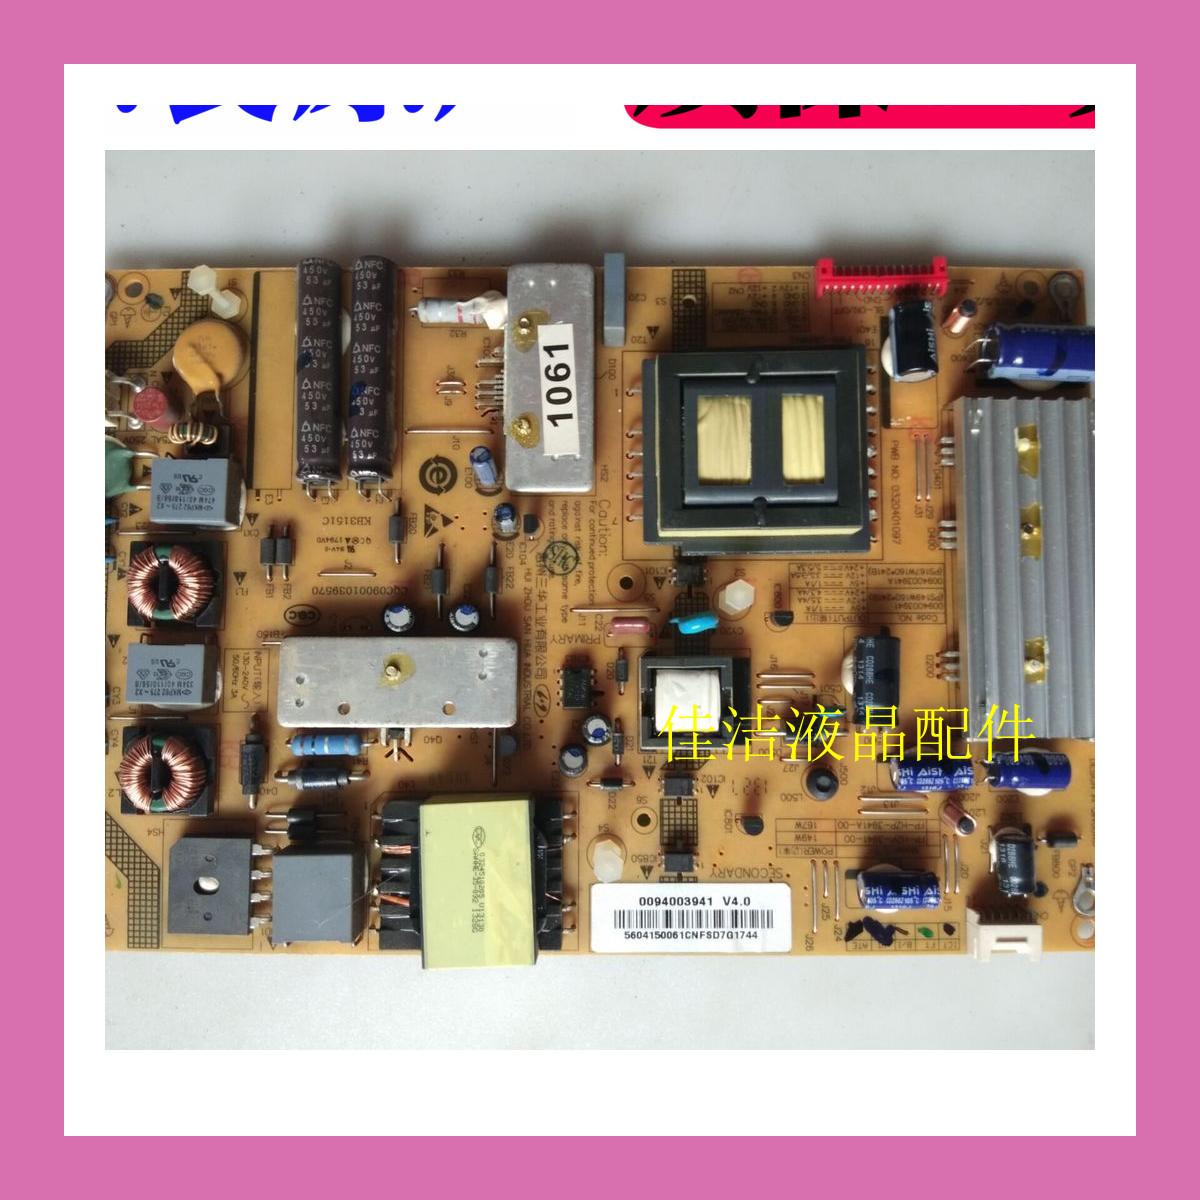 海尔ld50h9000液晶电视电源